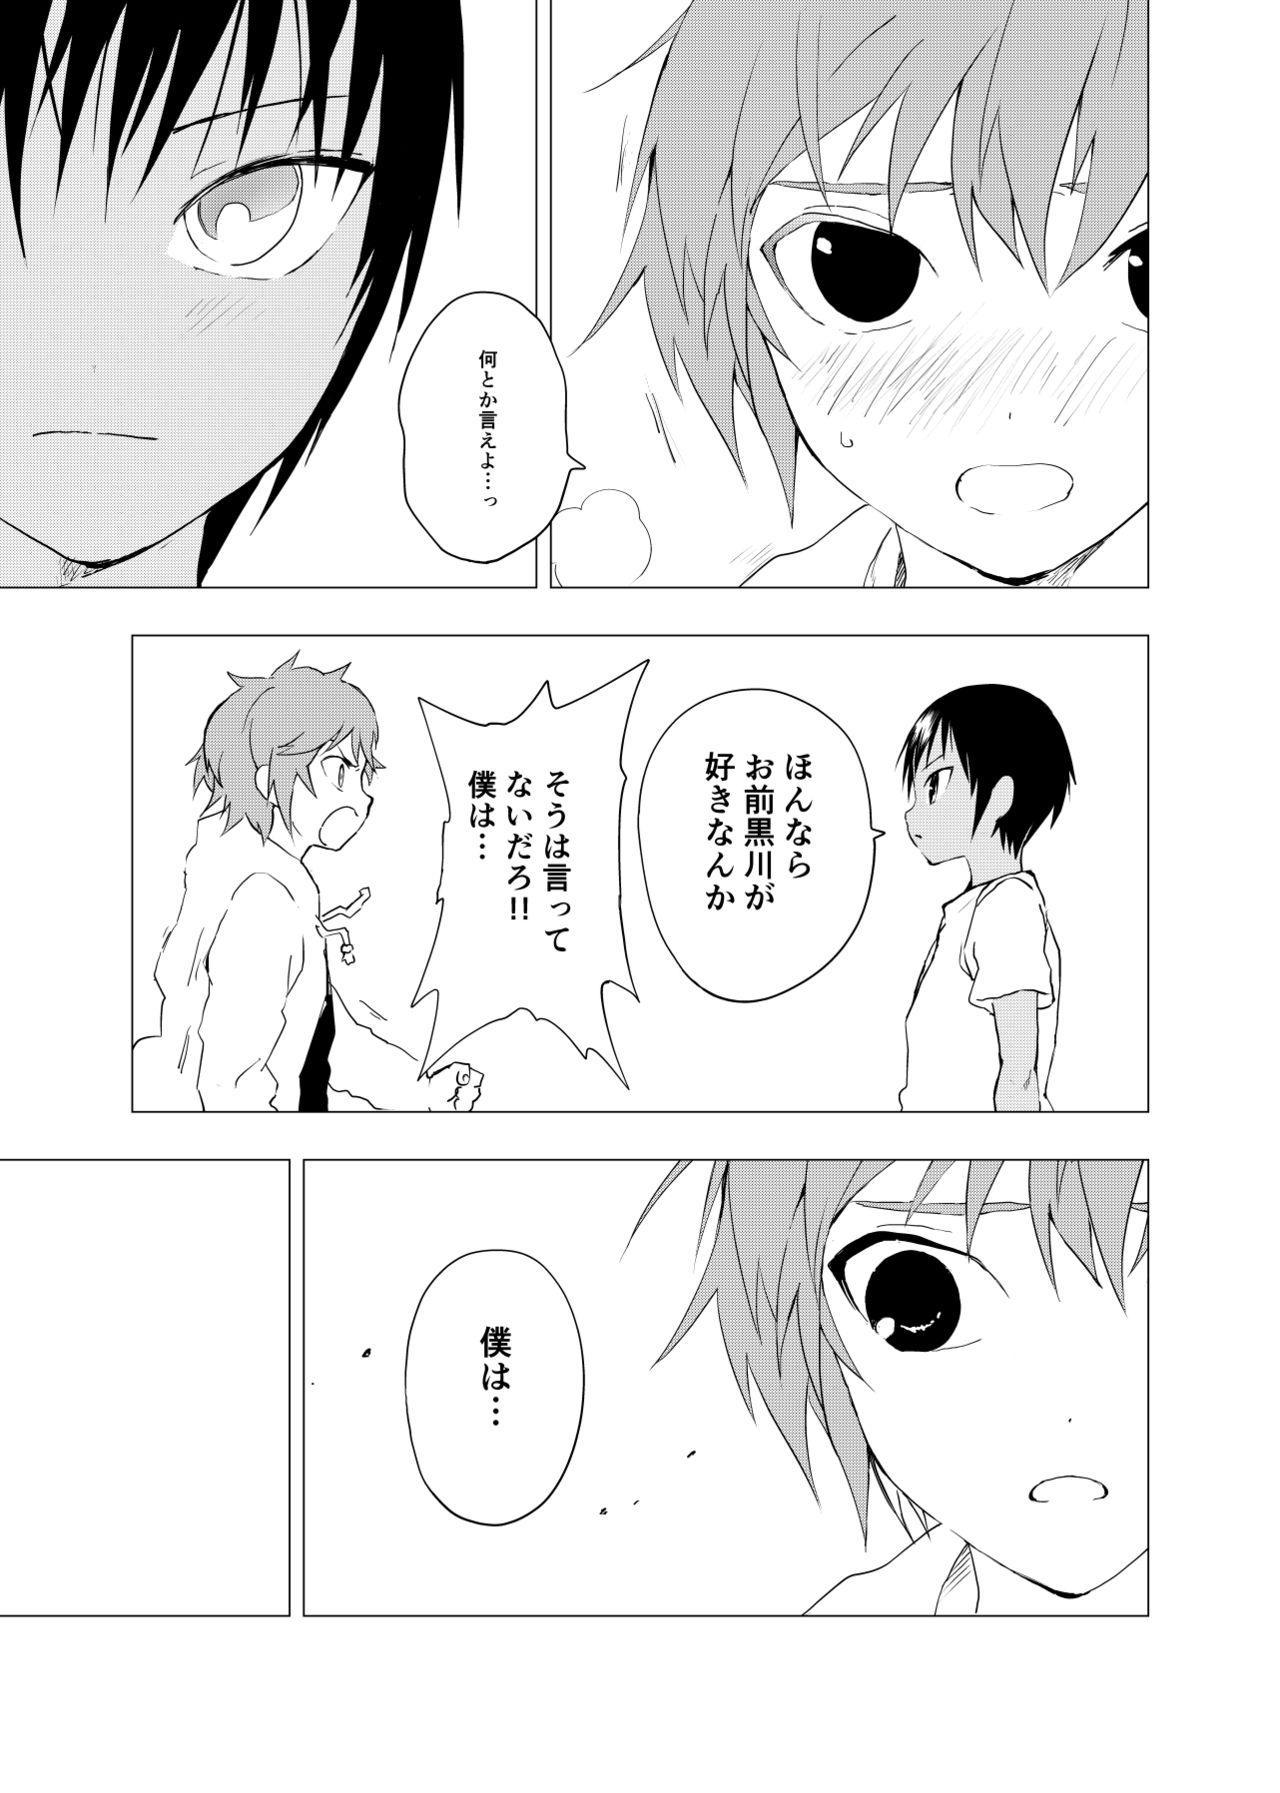 Inaka no Uke Shounen to Tokai no Seme Shounen no Ero Manga 1-6 124